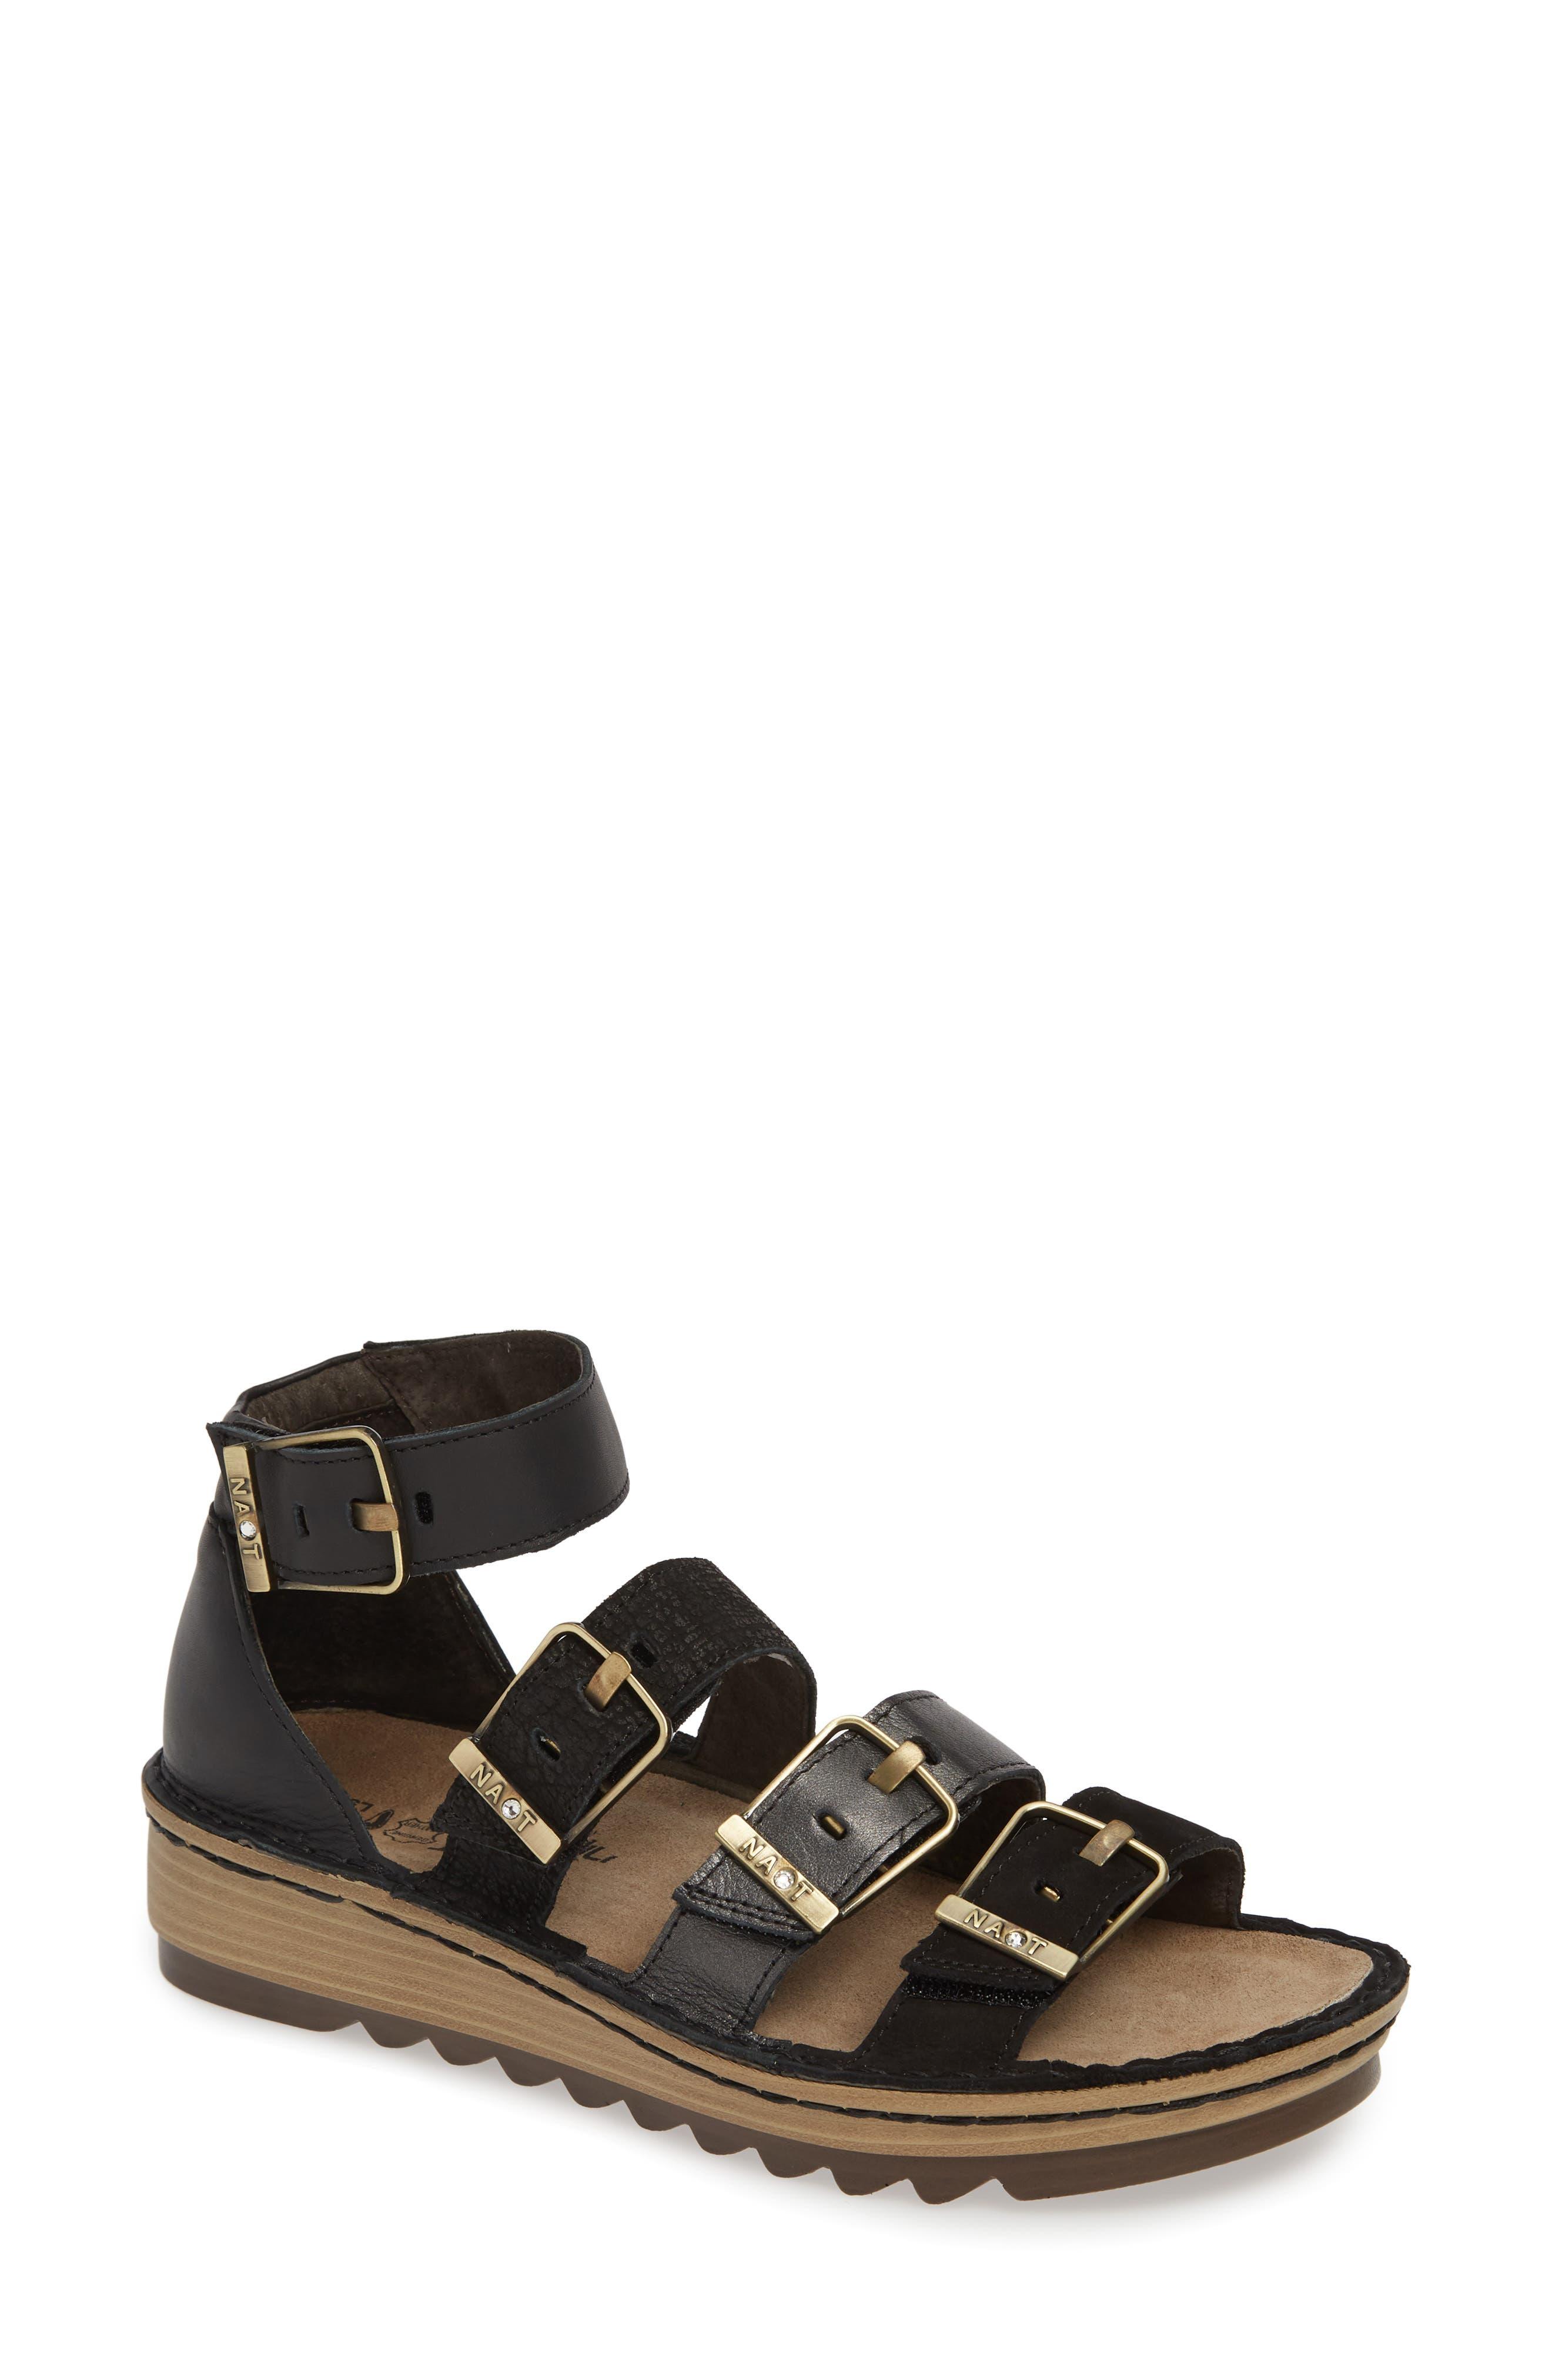 'Begonia' Sandal, Main, color, BLACK/ BLACK LEATHER